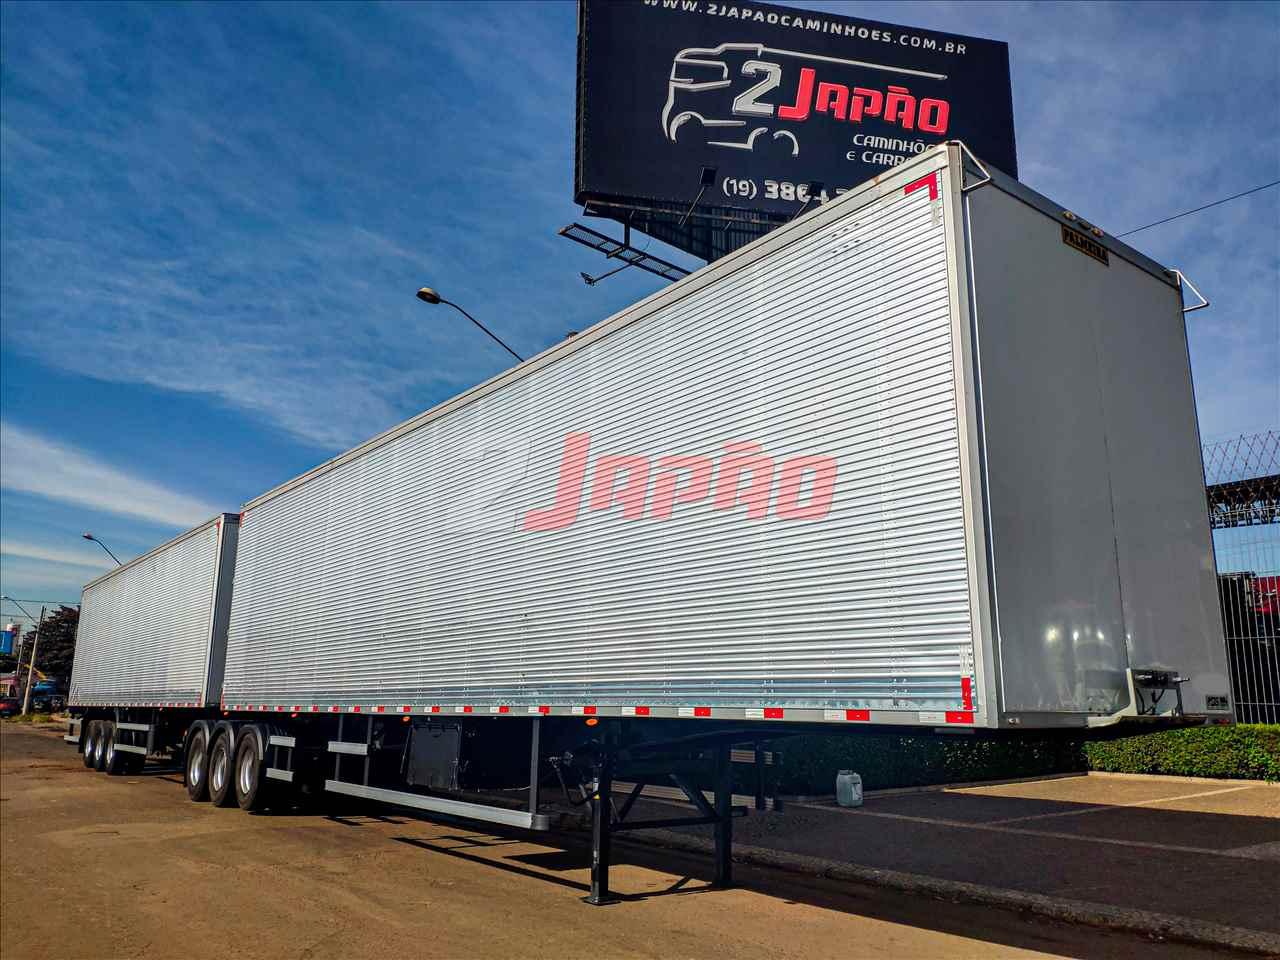 CARRETA BITREM 9 EIXOS BAU FURGAO 2 Japão Caminhões e Carretas SUMARE SÃO PAULO SP